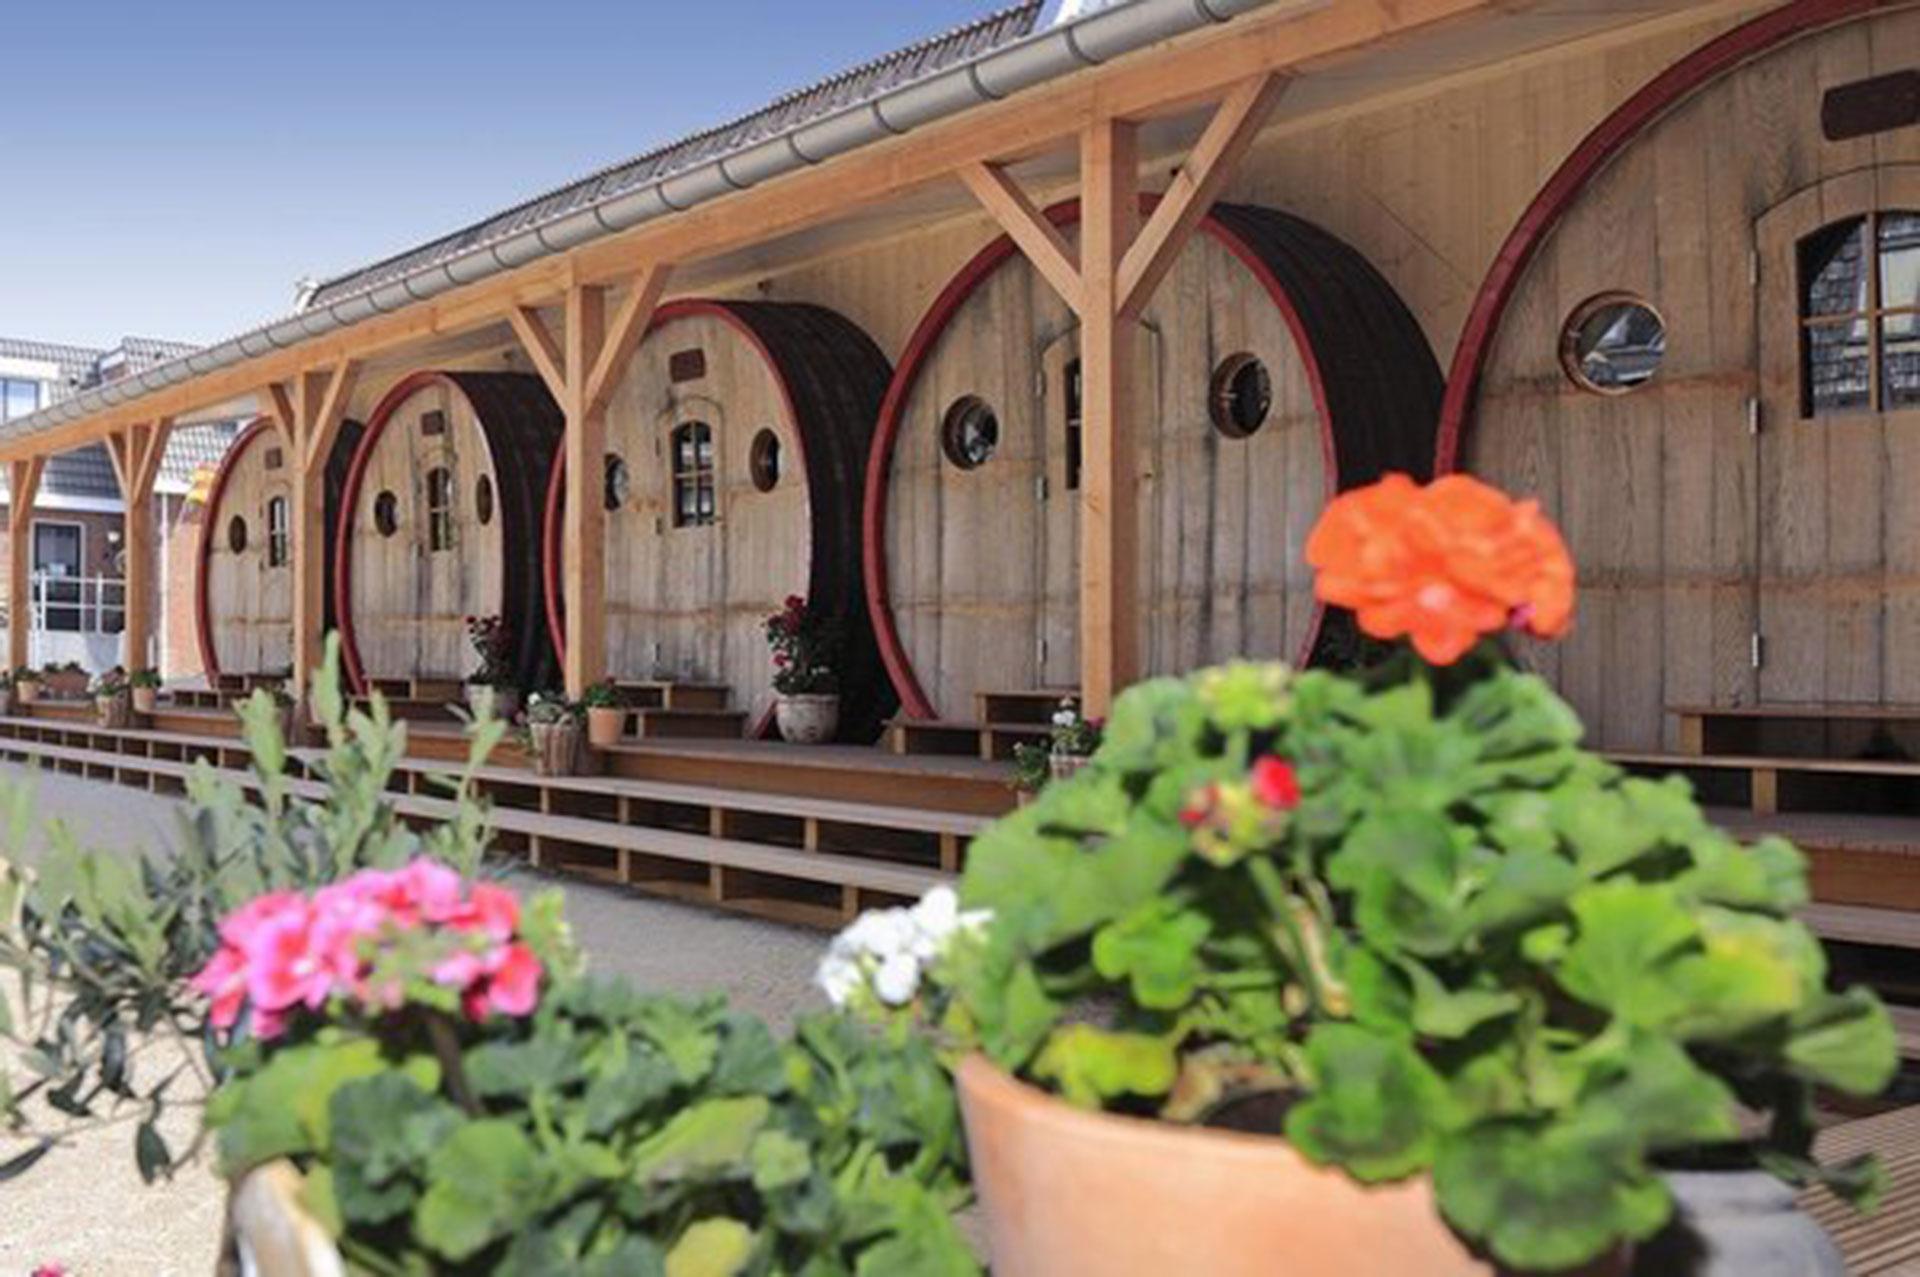 Hotel de Vrouwe van Stavoren (Stavoren, Holanda). Las habitaciones eran originalmente enormes toneles de vino